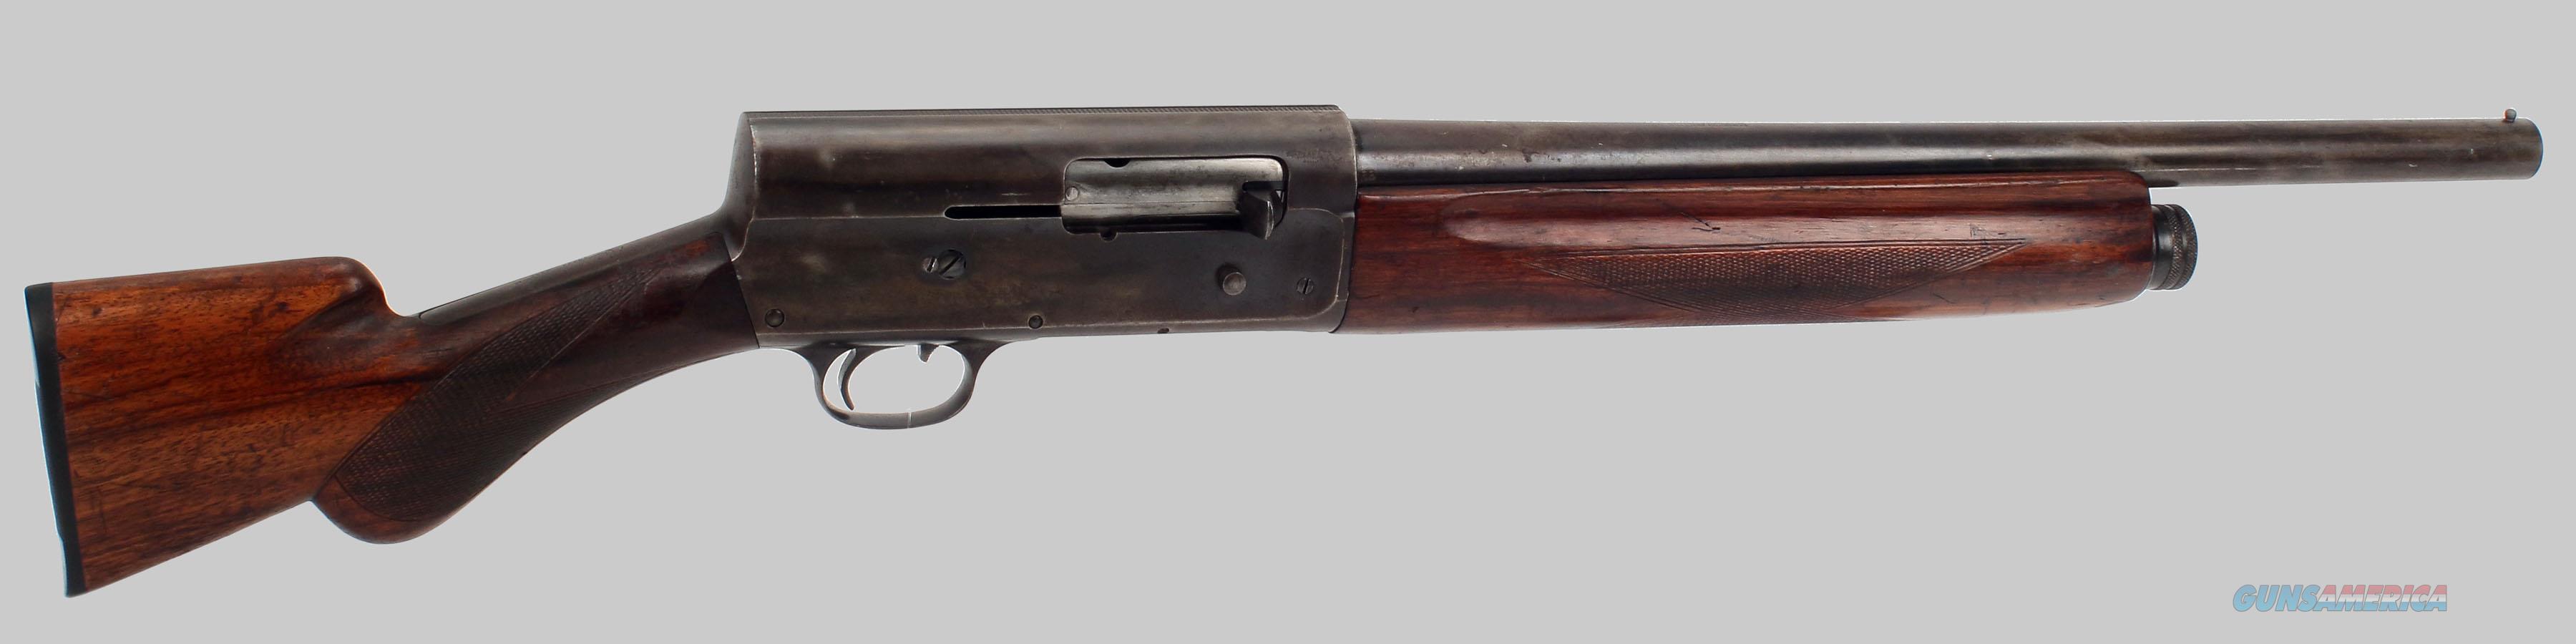 Remington 11 Bonnie & Clyde Whippet Shotgun